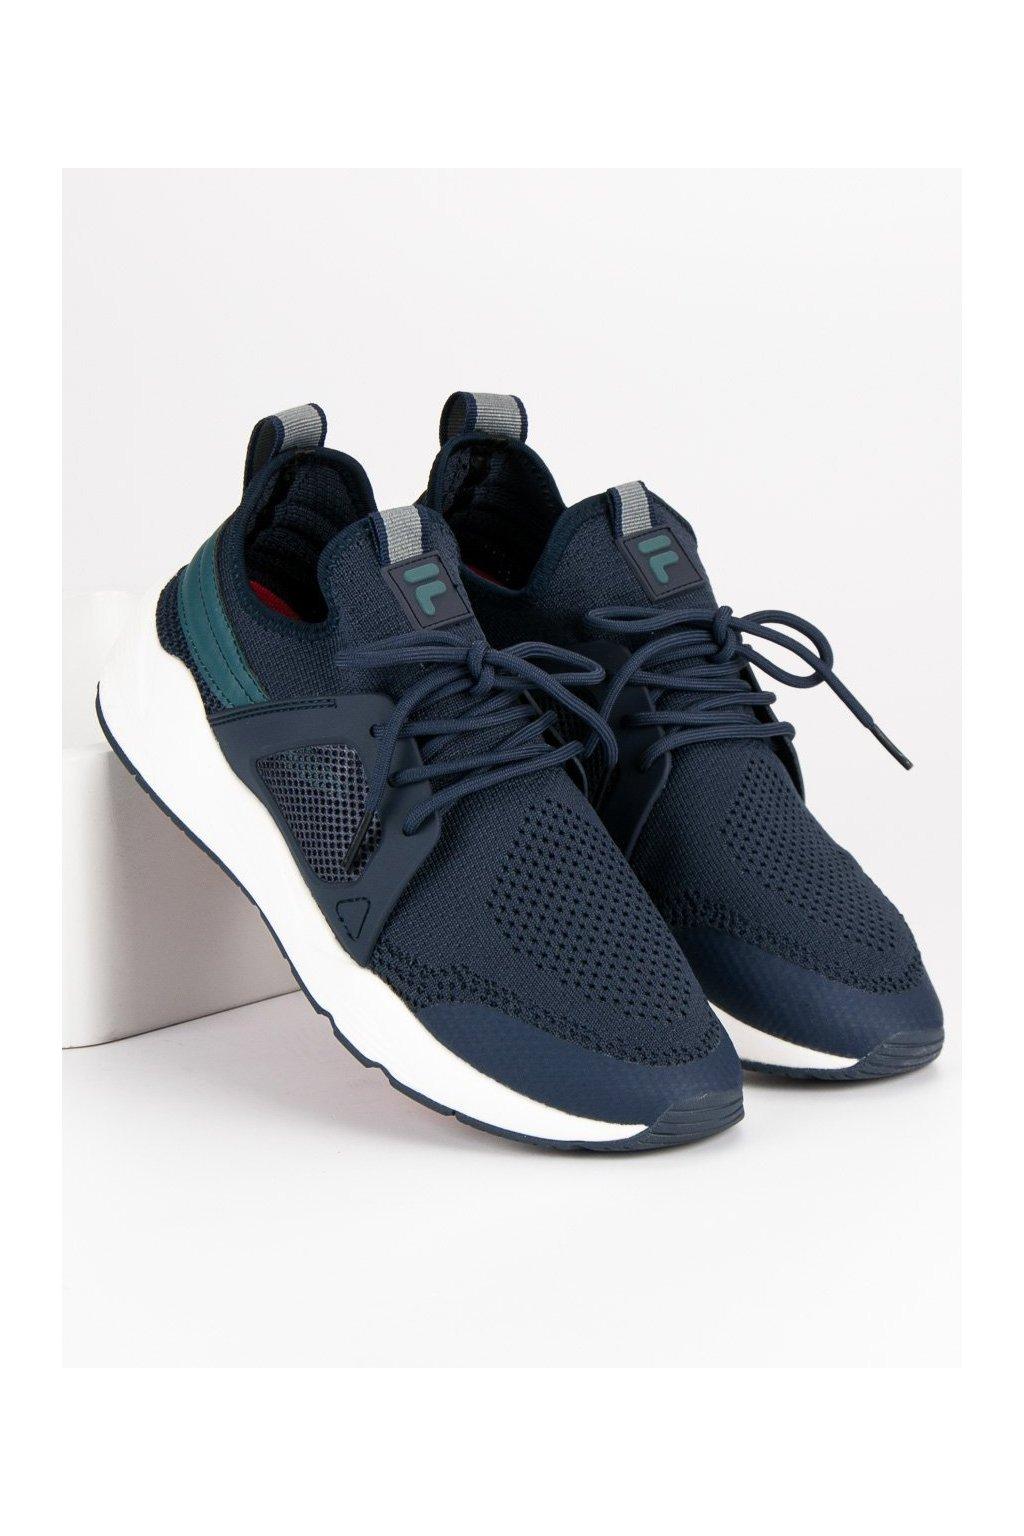 Modré pánske športové topánky - Fila kod 1010507BL